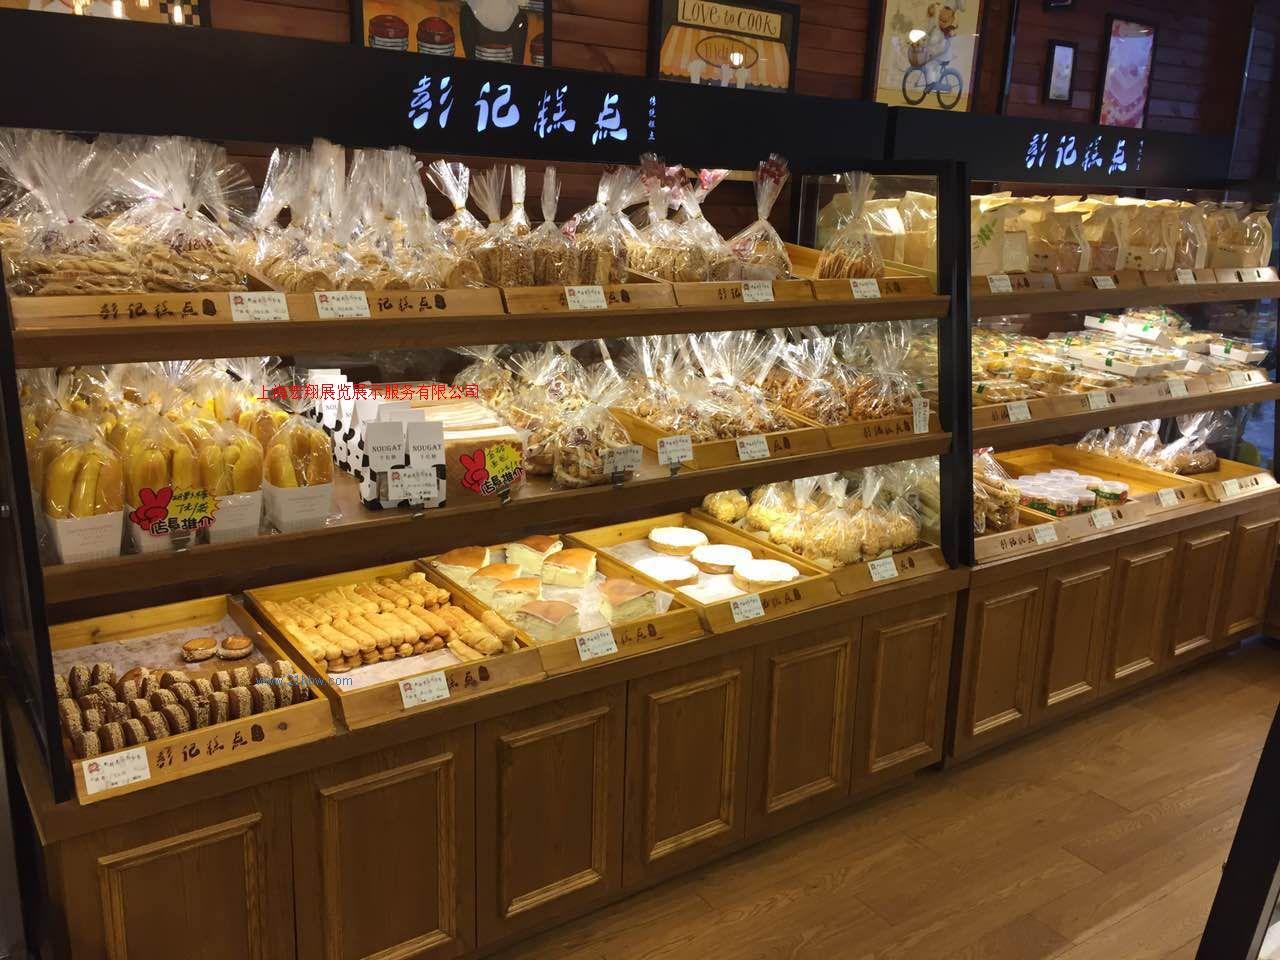 供应2016新款烘焙展柜(蛋糕柜,面包柜,中岛柜,边柜等)12